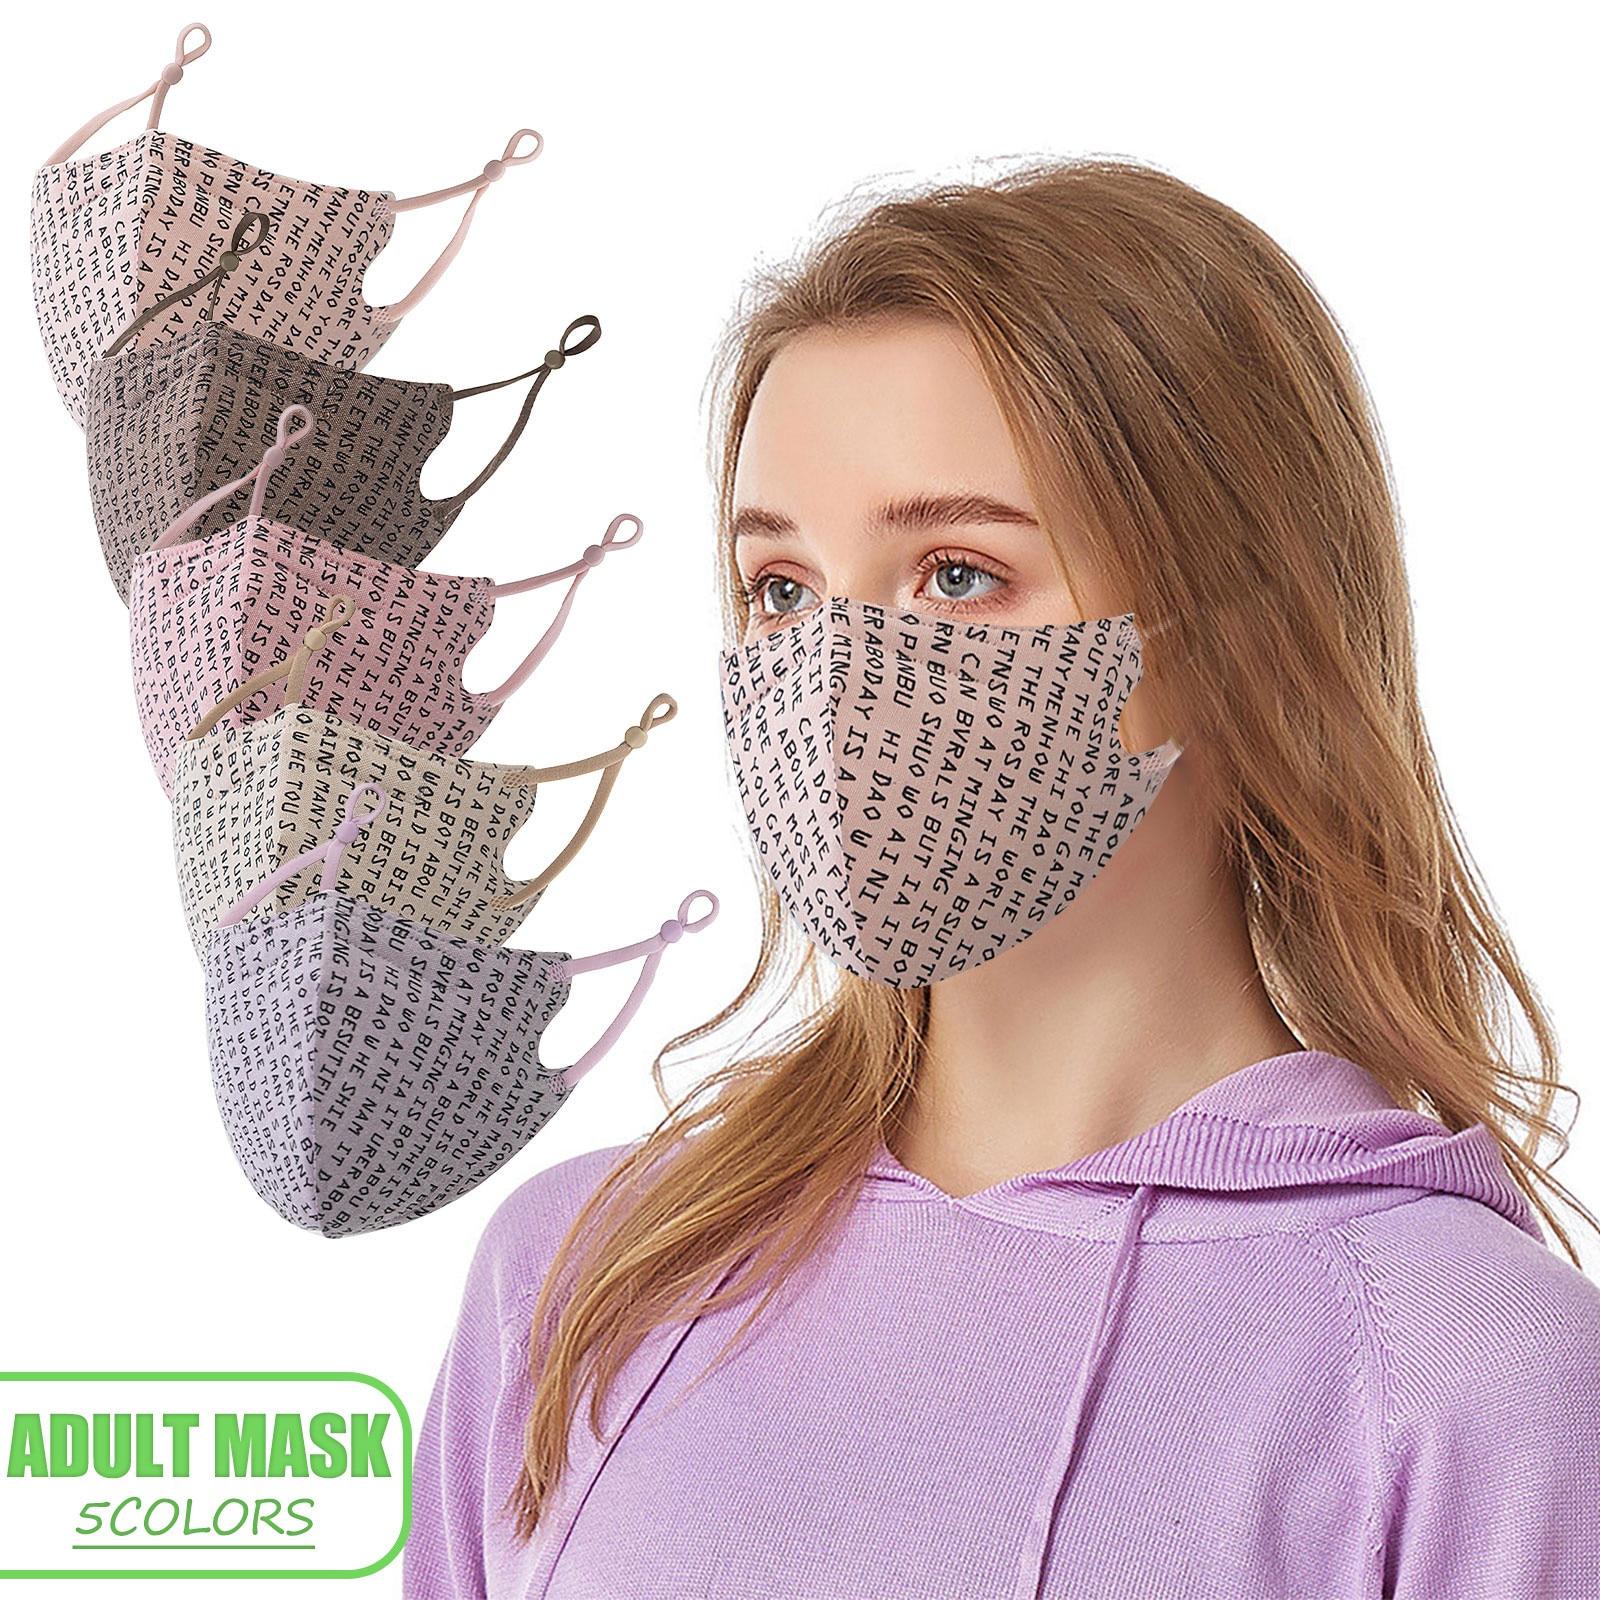 Маска для взрослых многоразовая моющаяся Регулируемая Маска для рта с принтом дышащая Ветрозащитная маска маски многоразовые маски # M